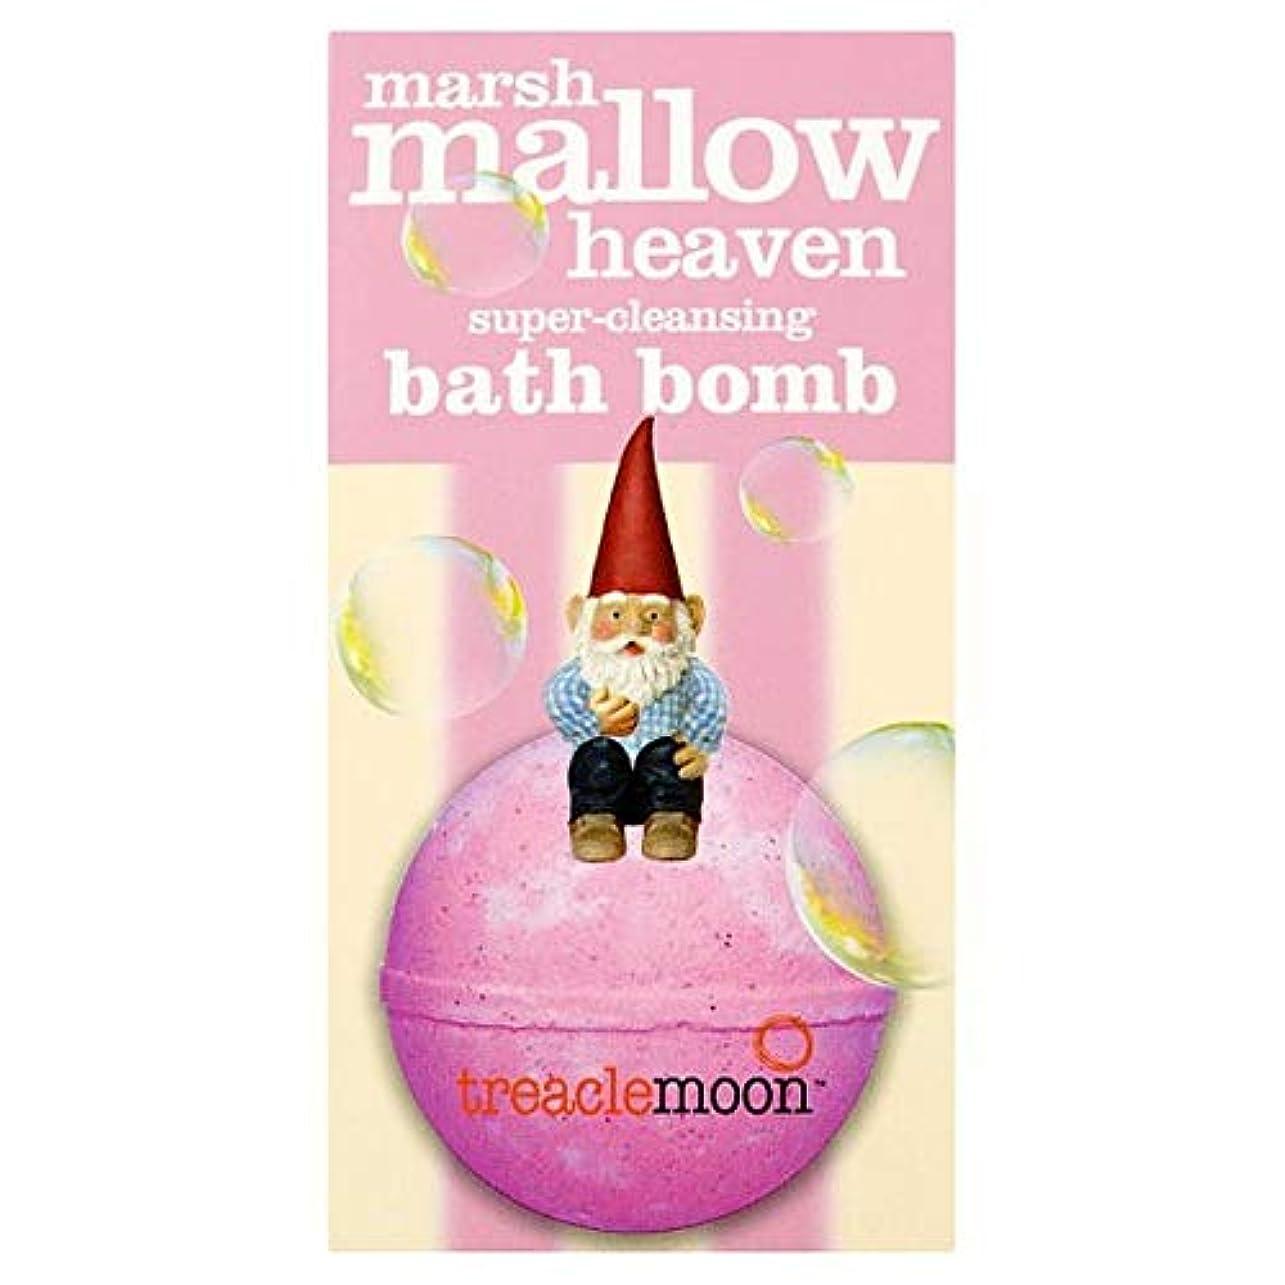 突然のねじれ検索エンジンマーケティング[Blue Orange ] 糖蜜ムーンバス爆弾ギフトセット - Treacle Moon Bath Bomb Gift Set [並行輸入品]